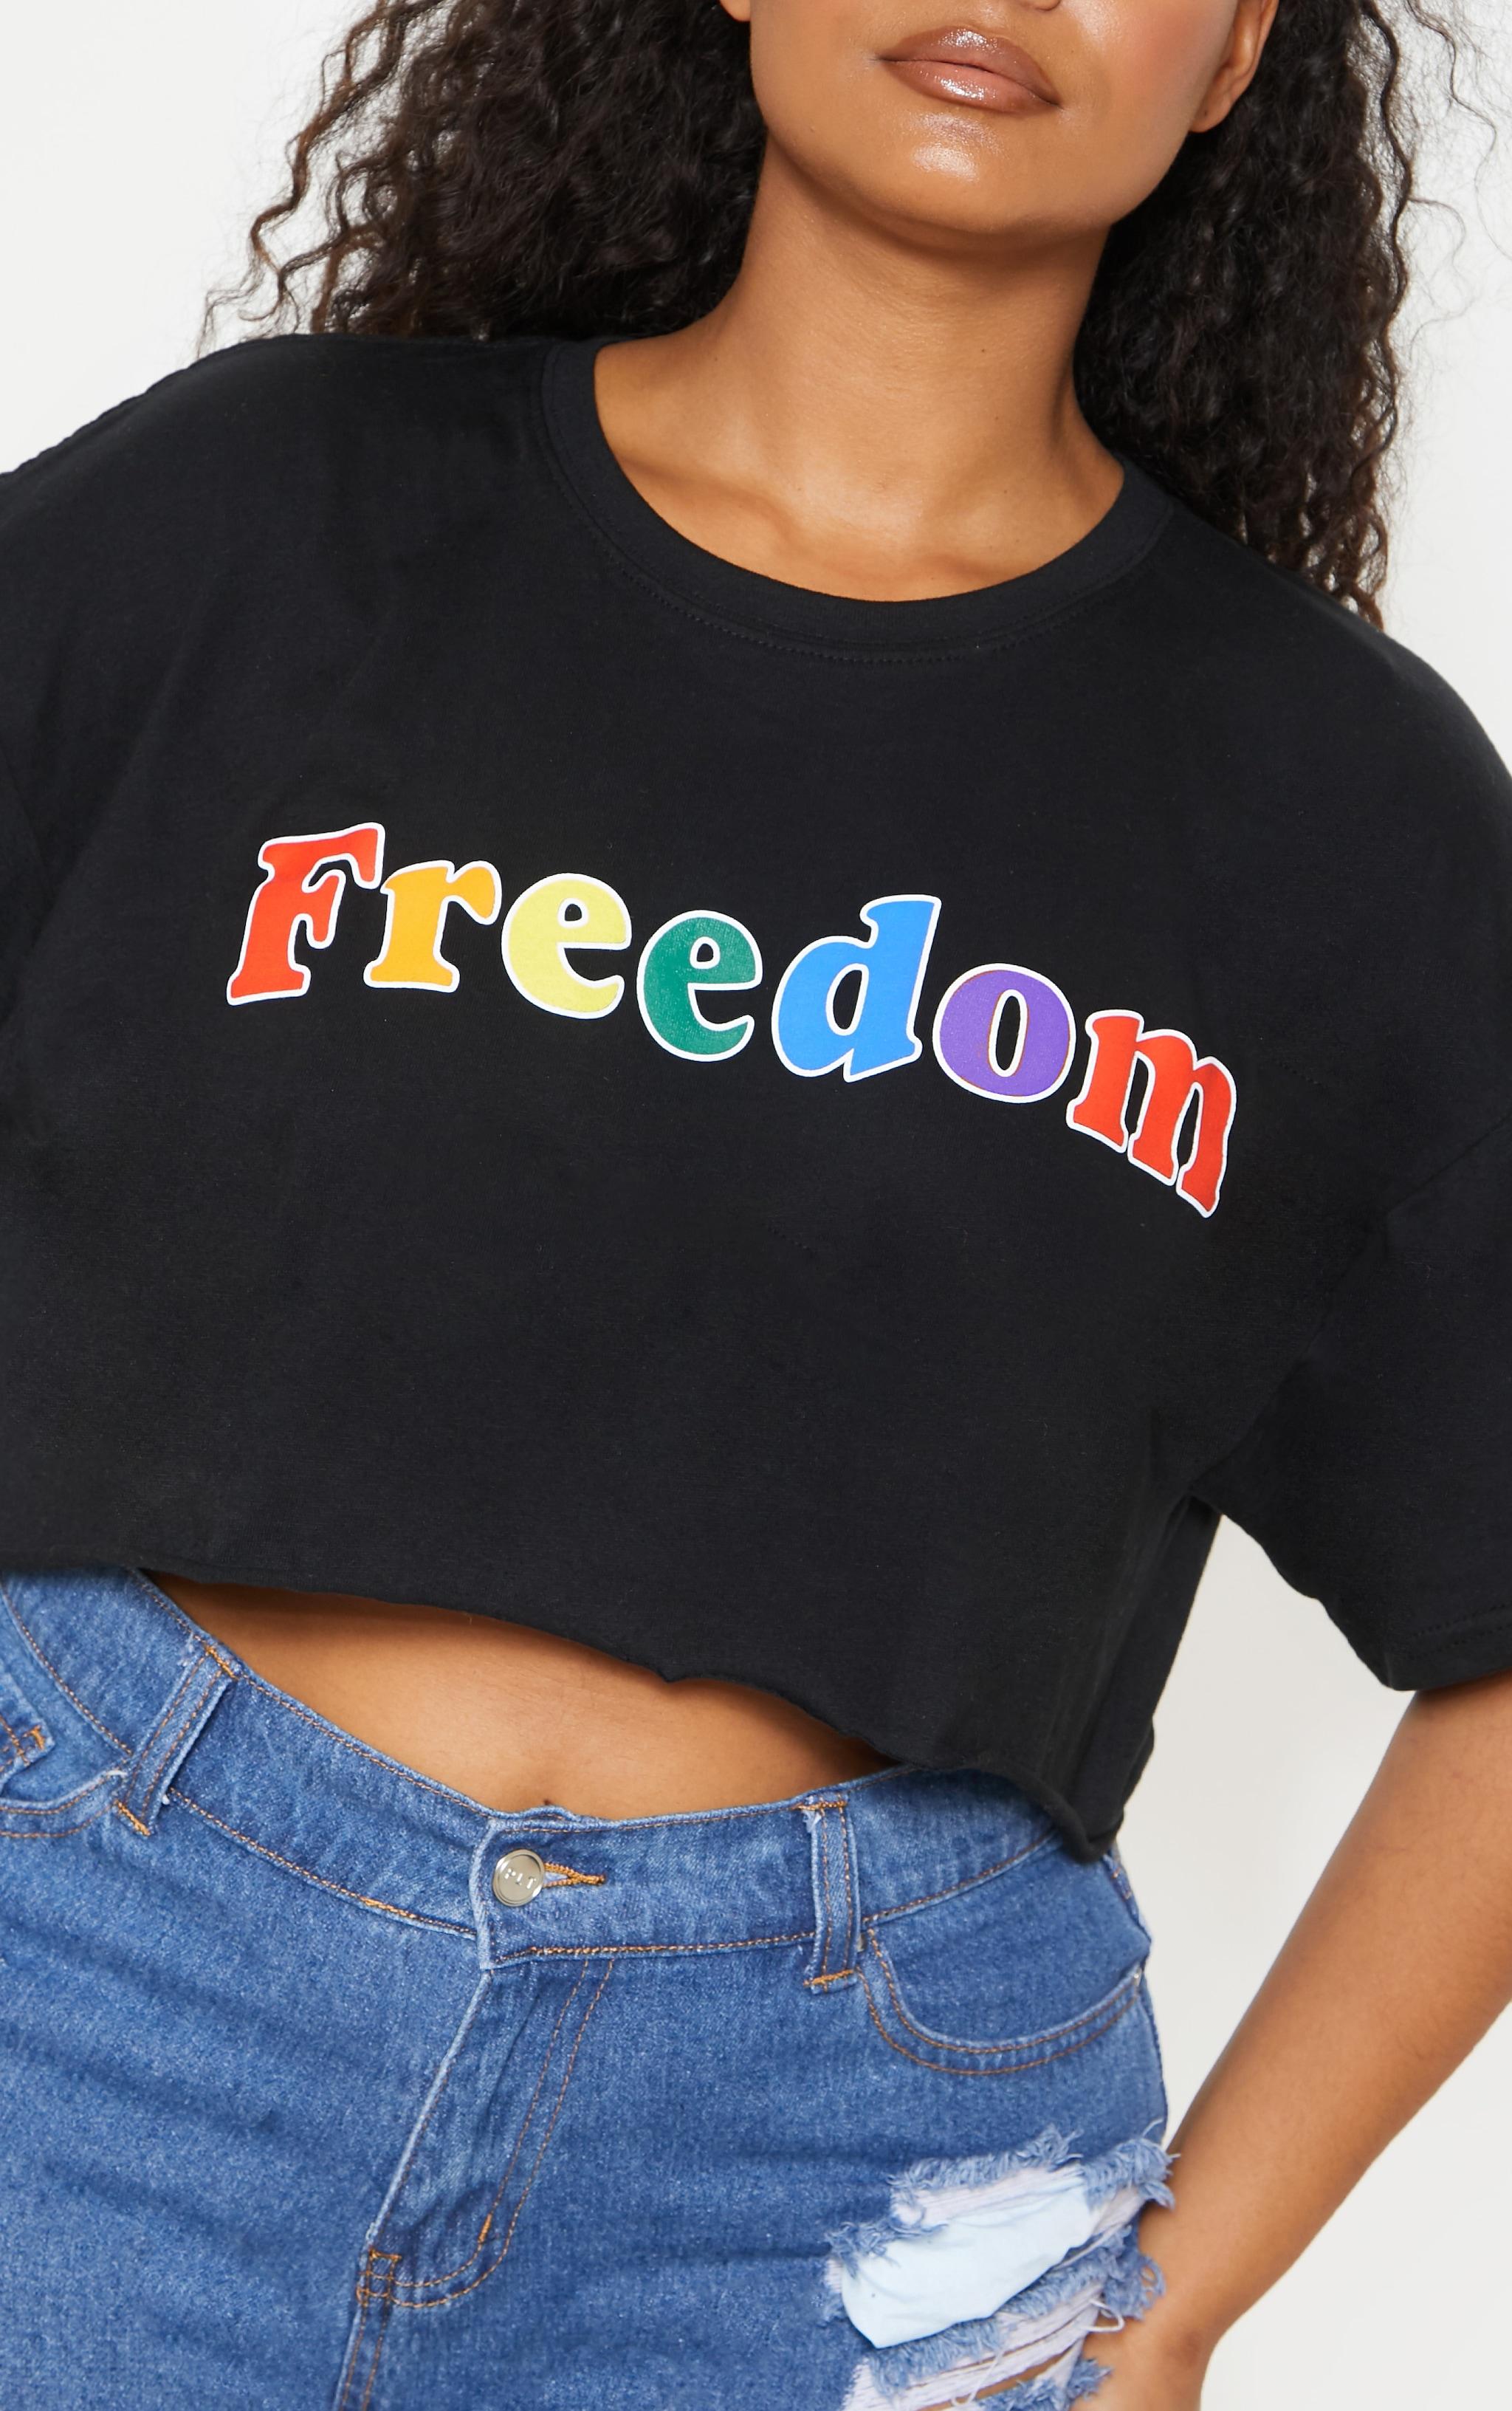 Plus Black FREEDOM Crop Tee 6